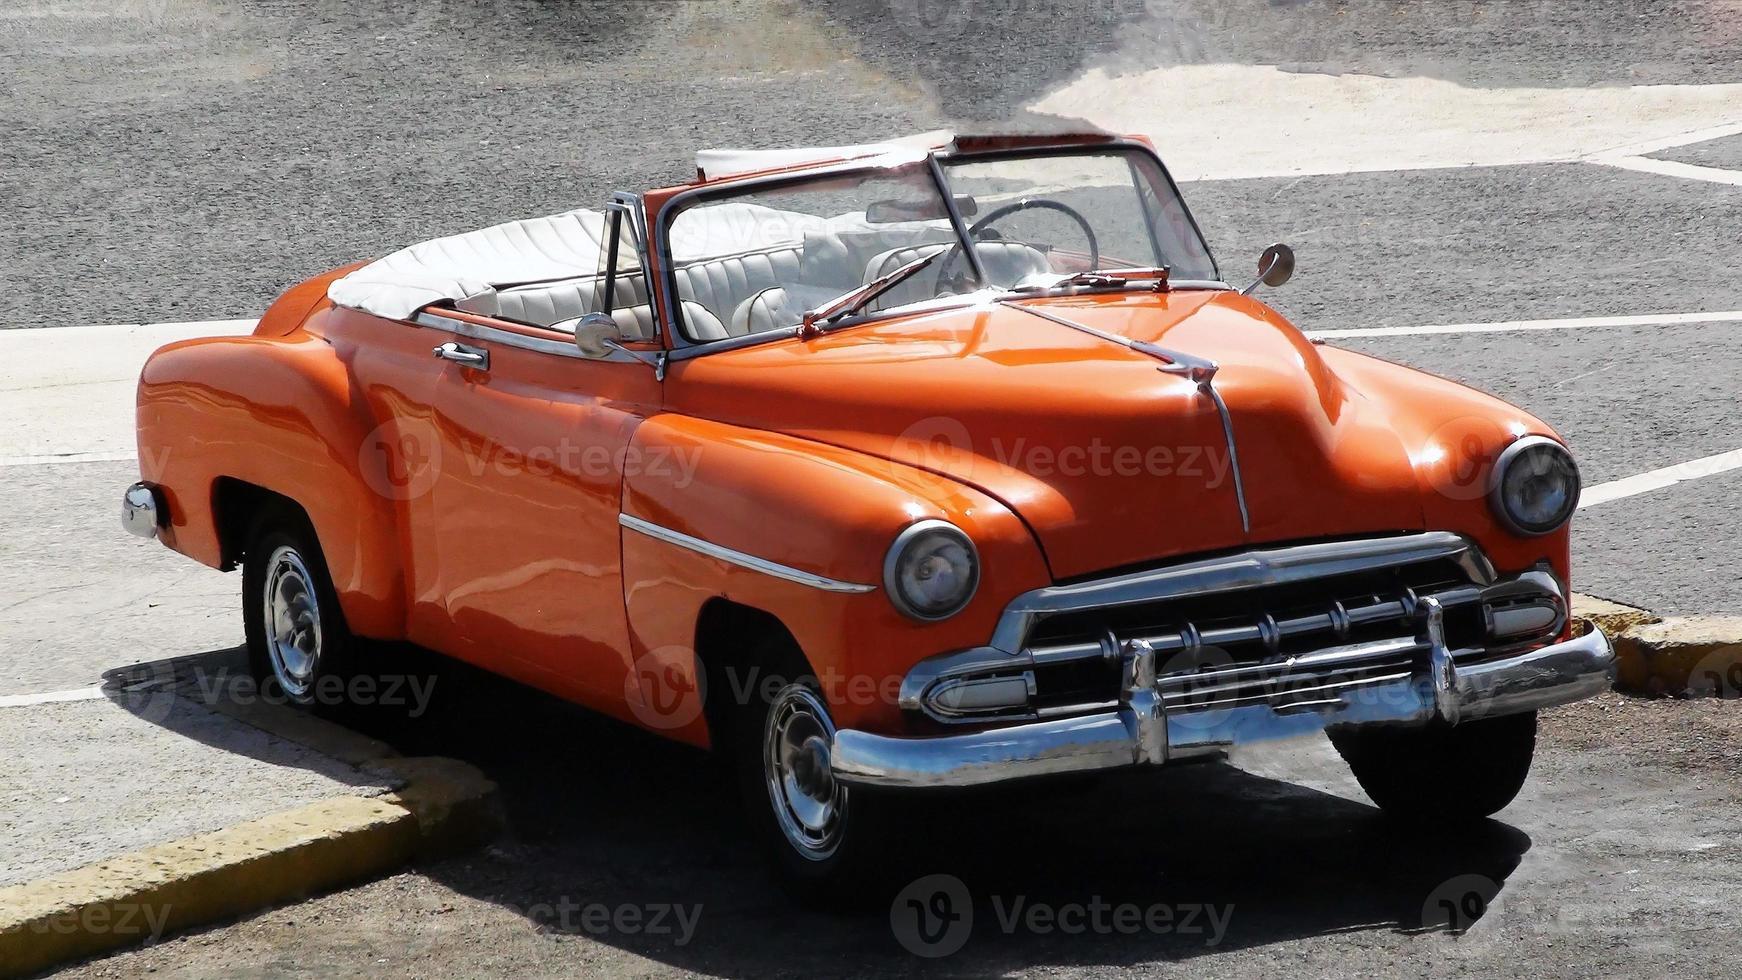 klassisches amerikanisches Auto Cabrio foto